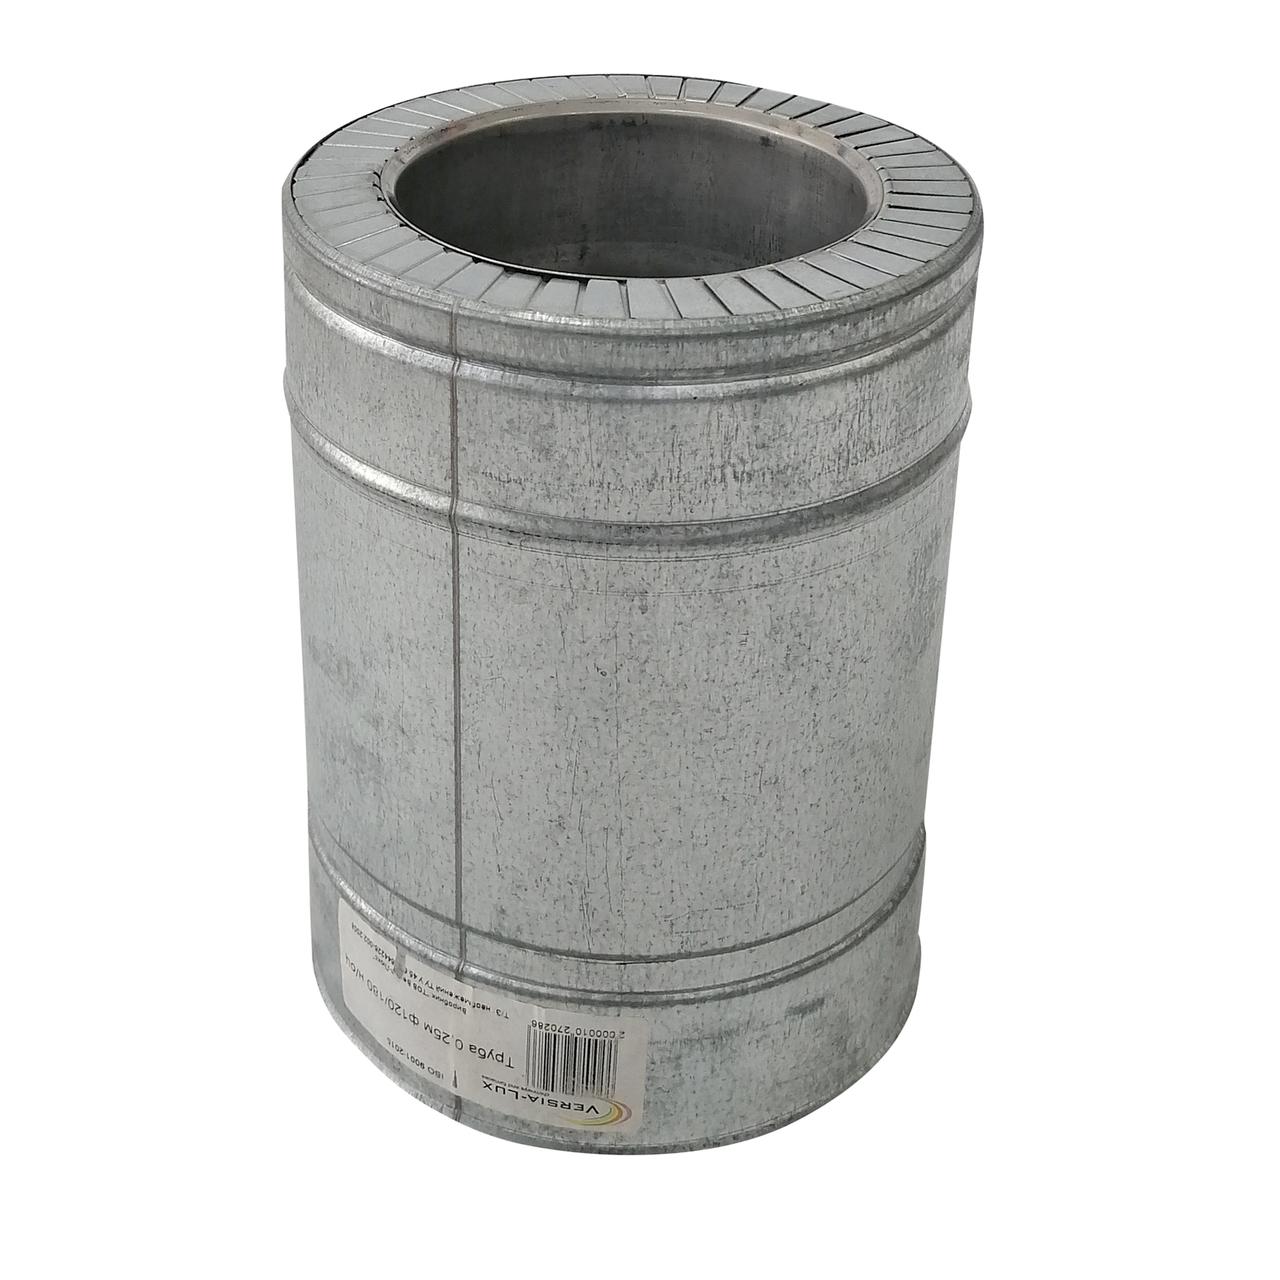 Труба дымоходная сэндвич d 150 мм; 0,8 мм; AISI 304; 25 см; нержавейка/оцинковка - «Версия Люкс»